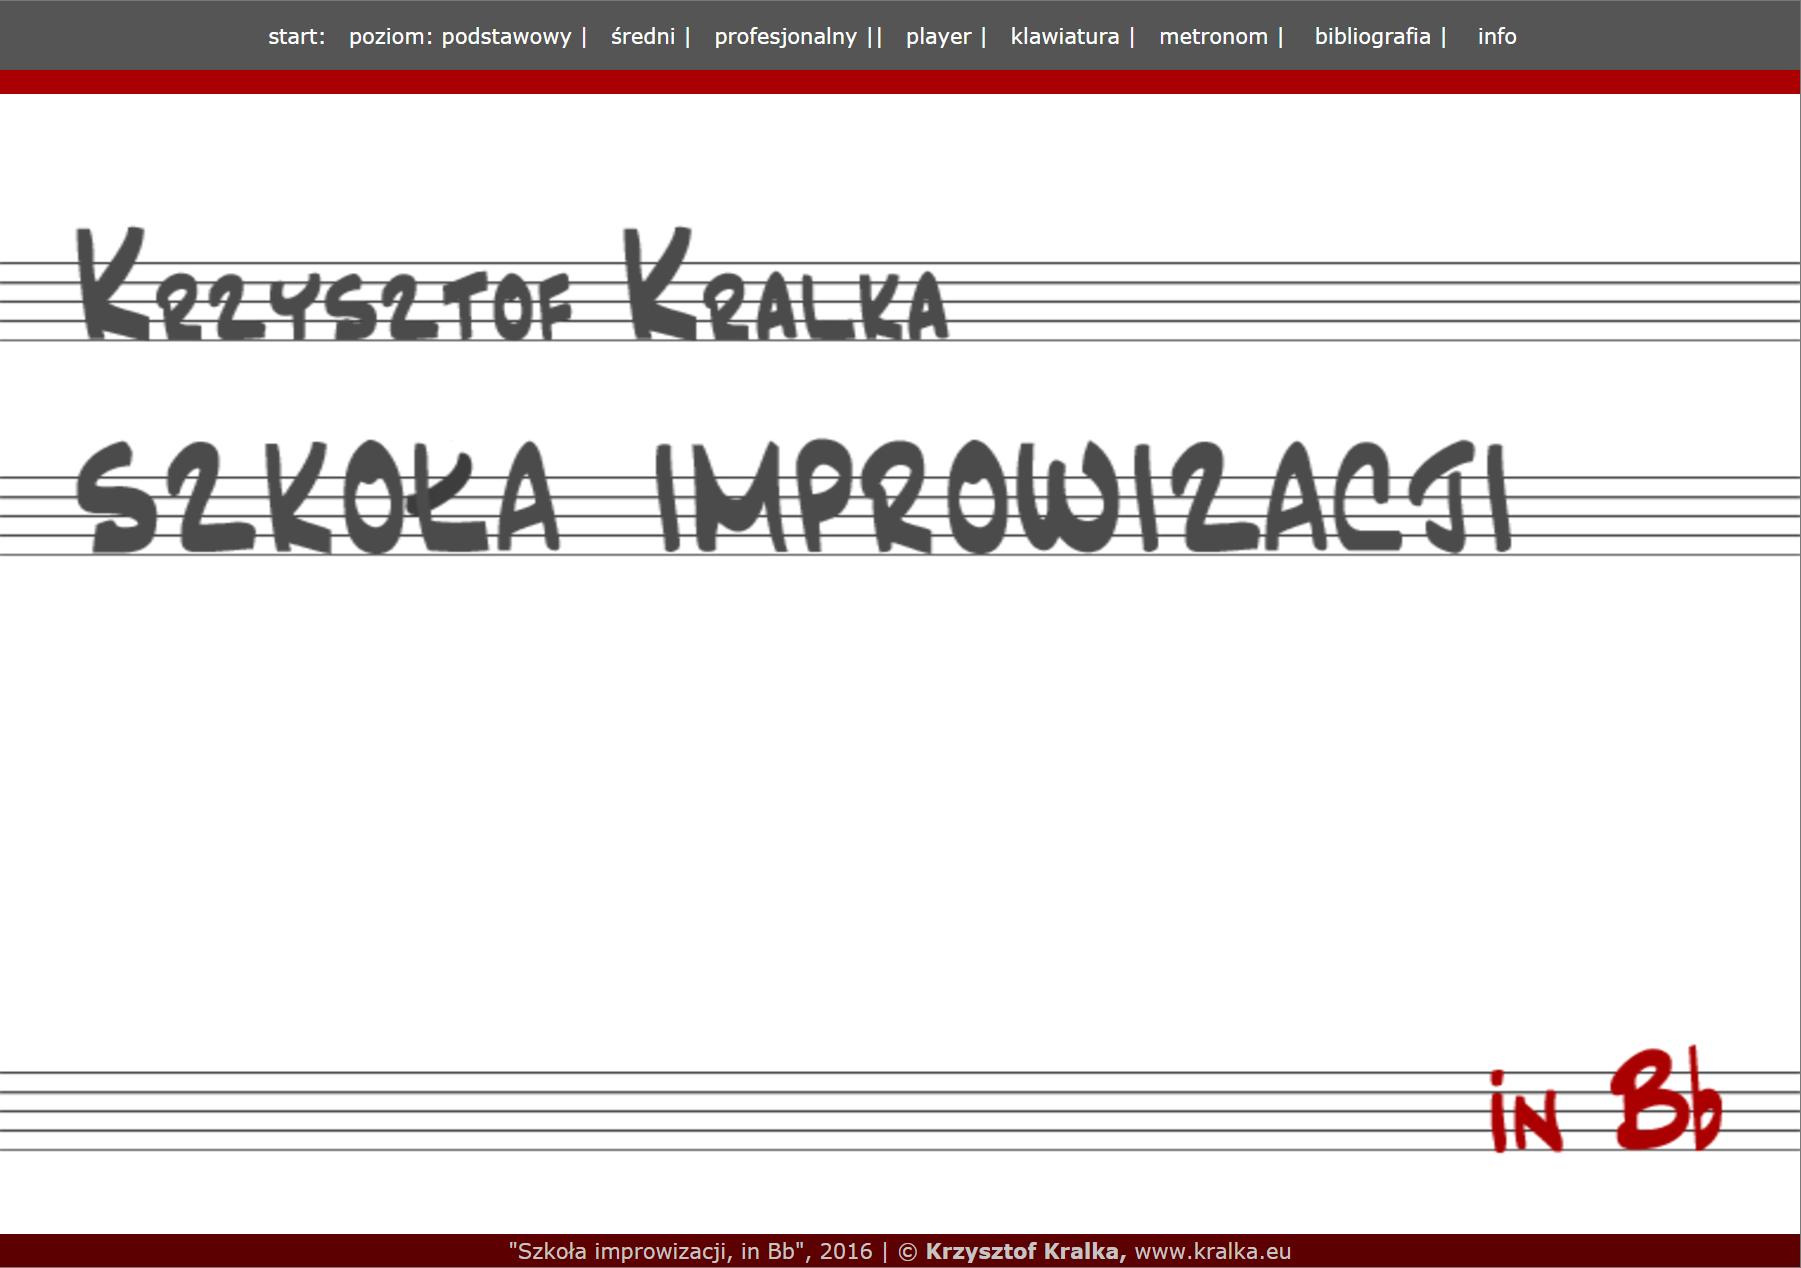 Szkoła improwizacji, inBb